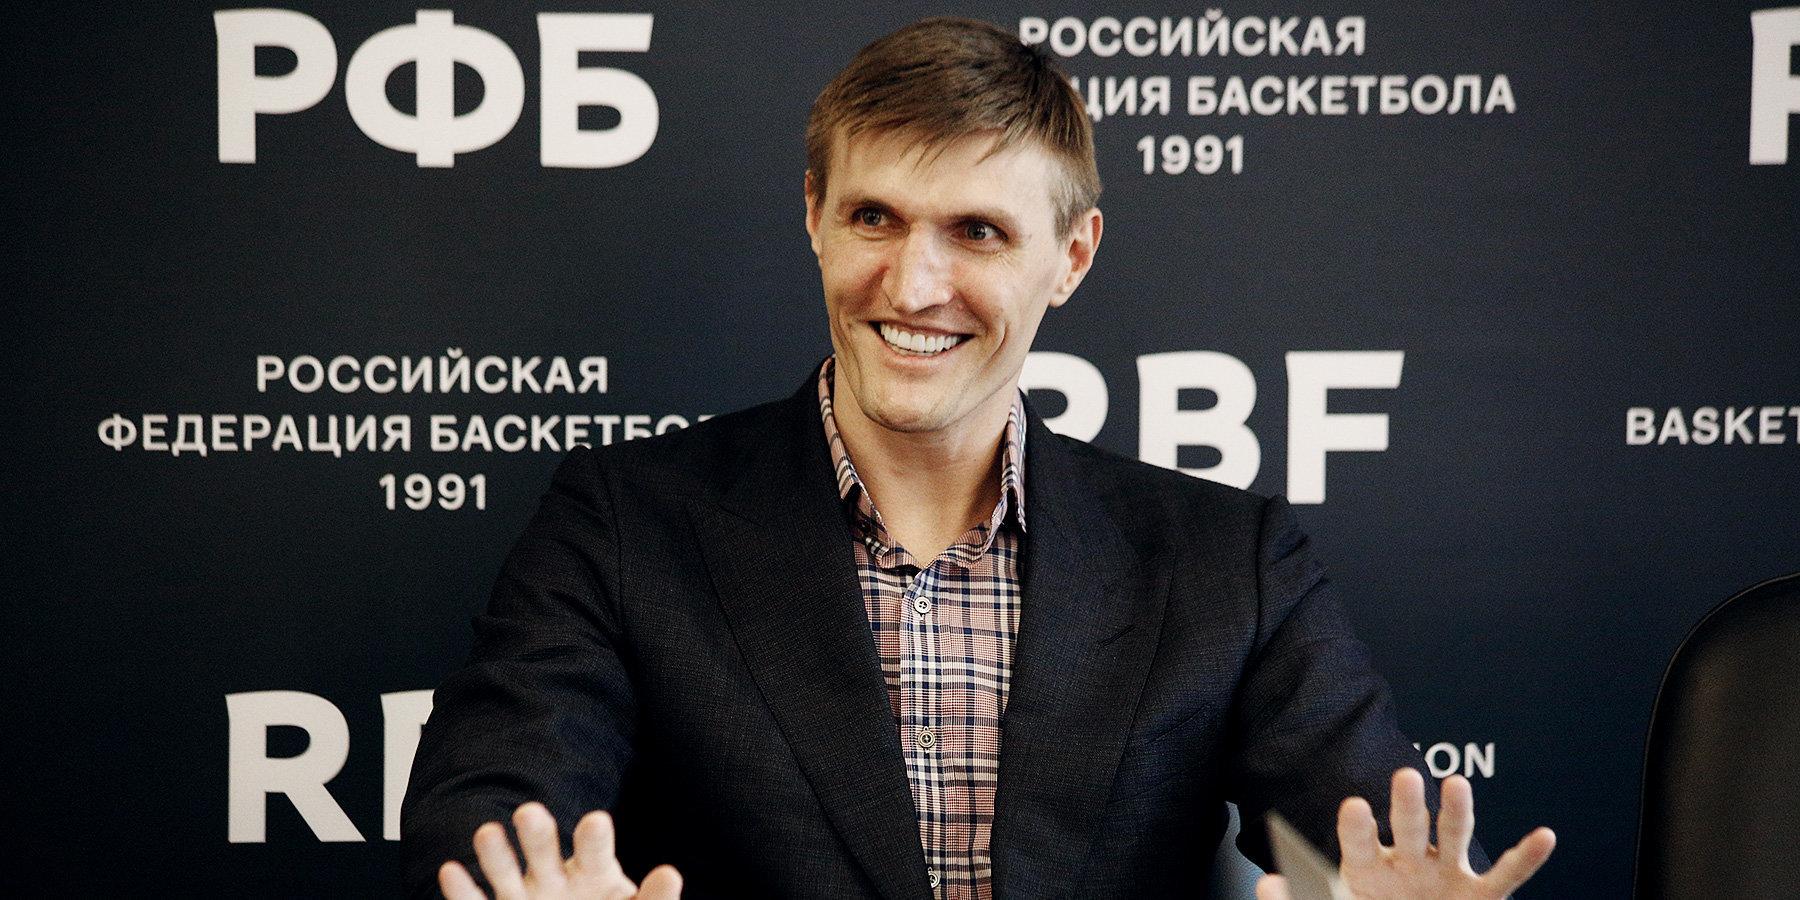 Андрей Кириленко: «Базаревич повезет сборную России на Евробаскет-2022, он заслужил это»